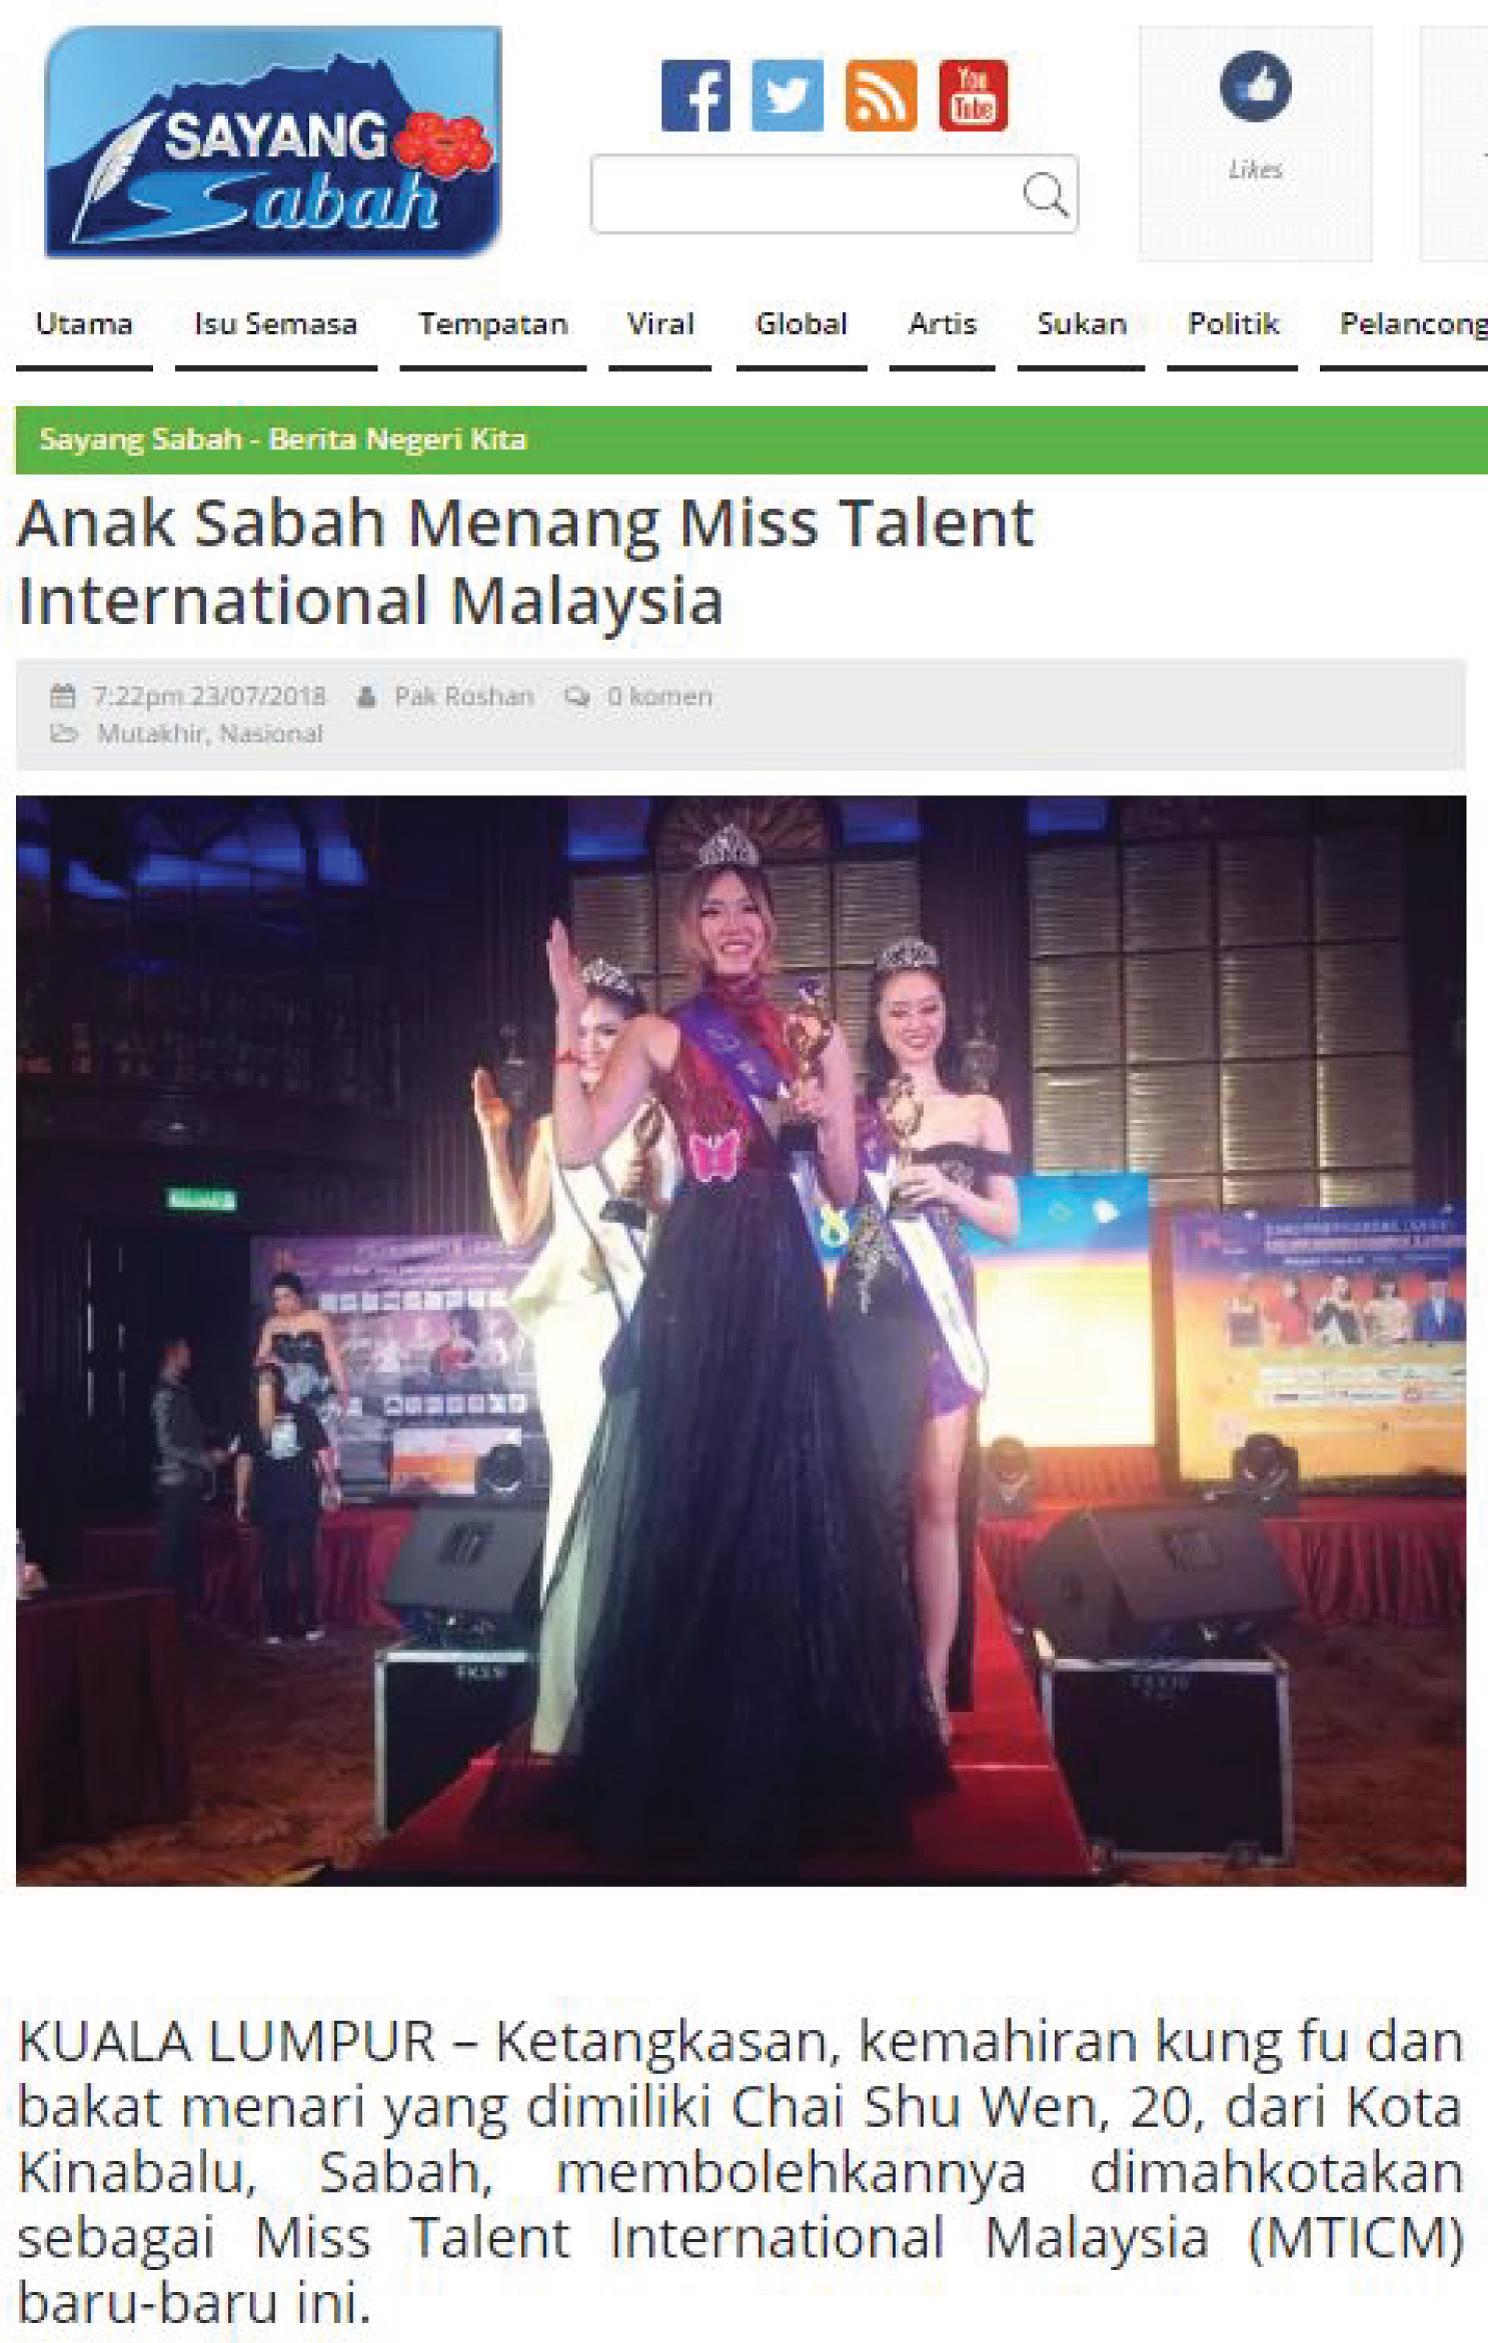 Anak Sabah menang Miss Talent International Malaysia 2018 by Sayang Sabah